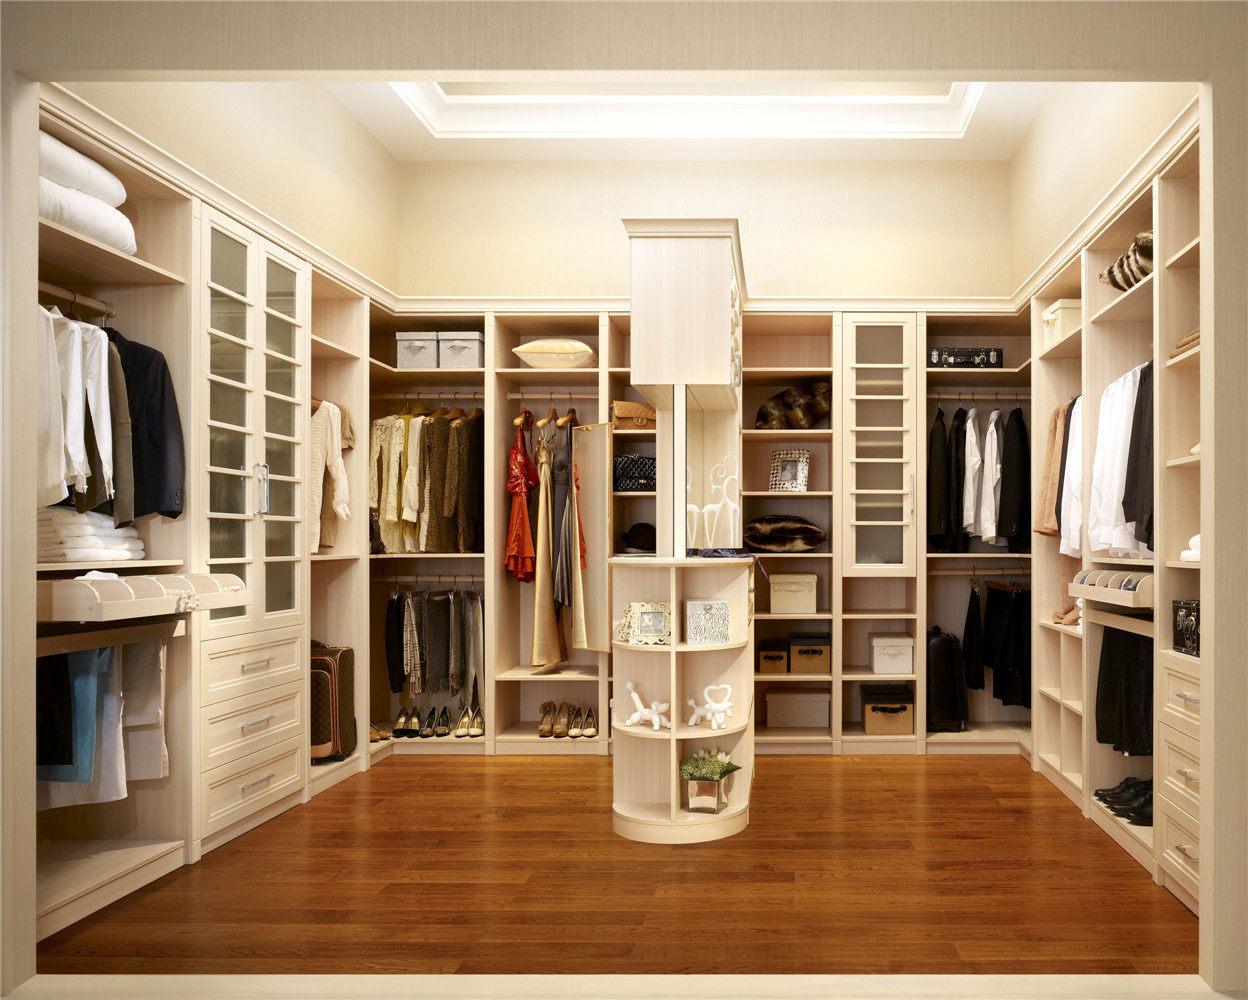 Bedroom Closet Walk-in Melamine Wardrobe